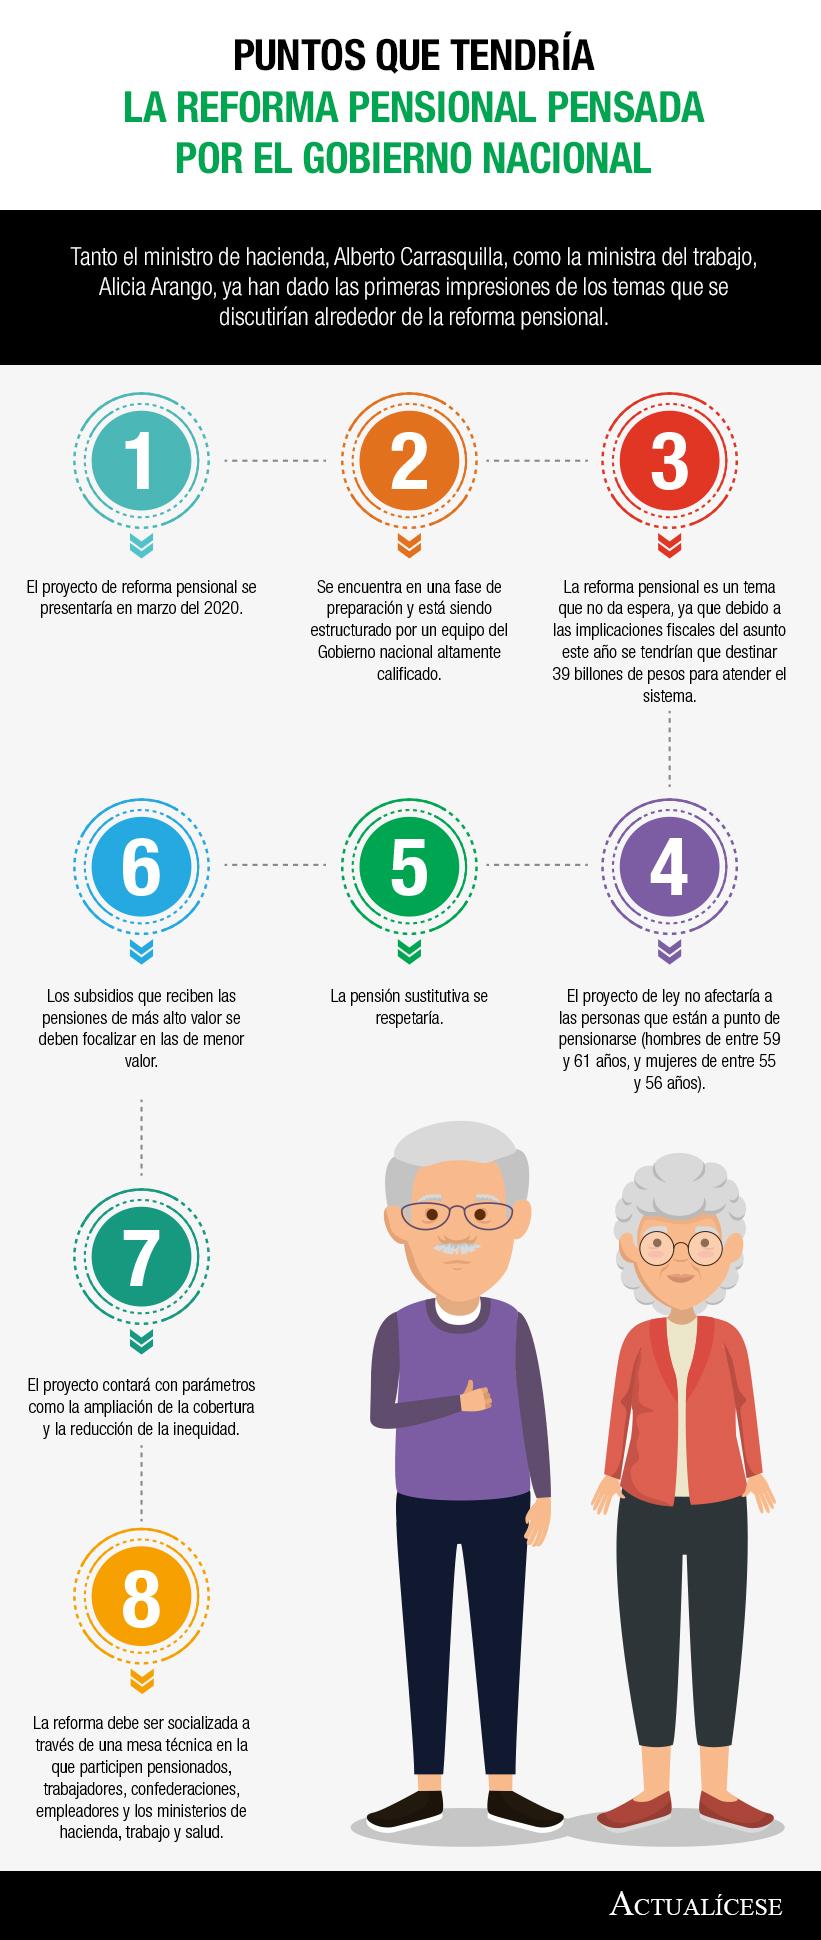 [Infografía] Puntos que tendría la reforma pensional pensada por el Gobierno nacional